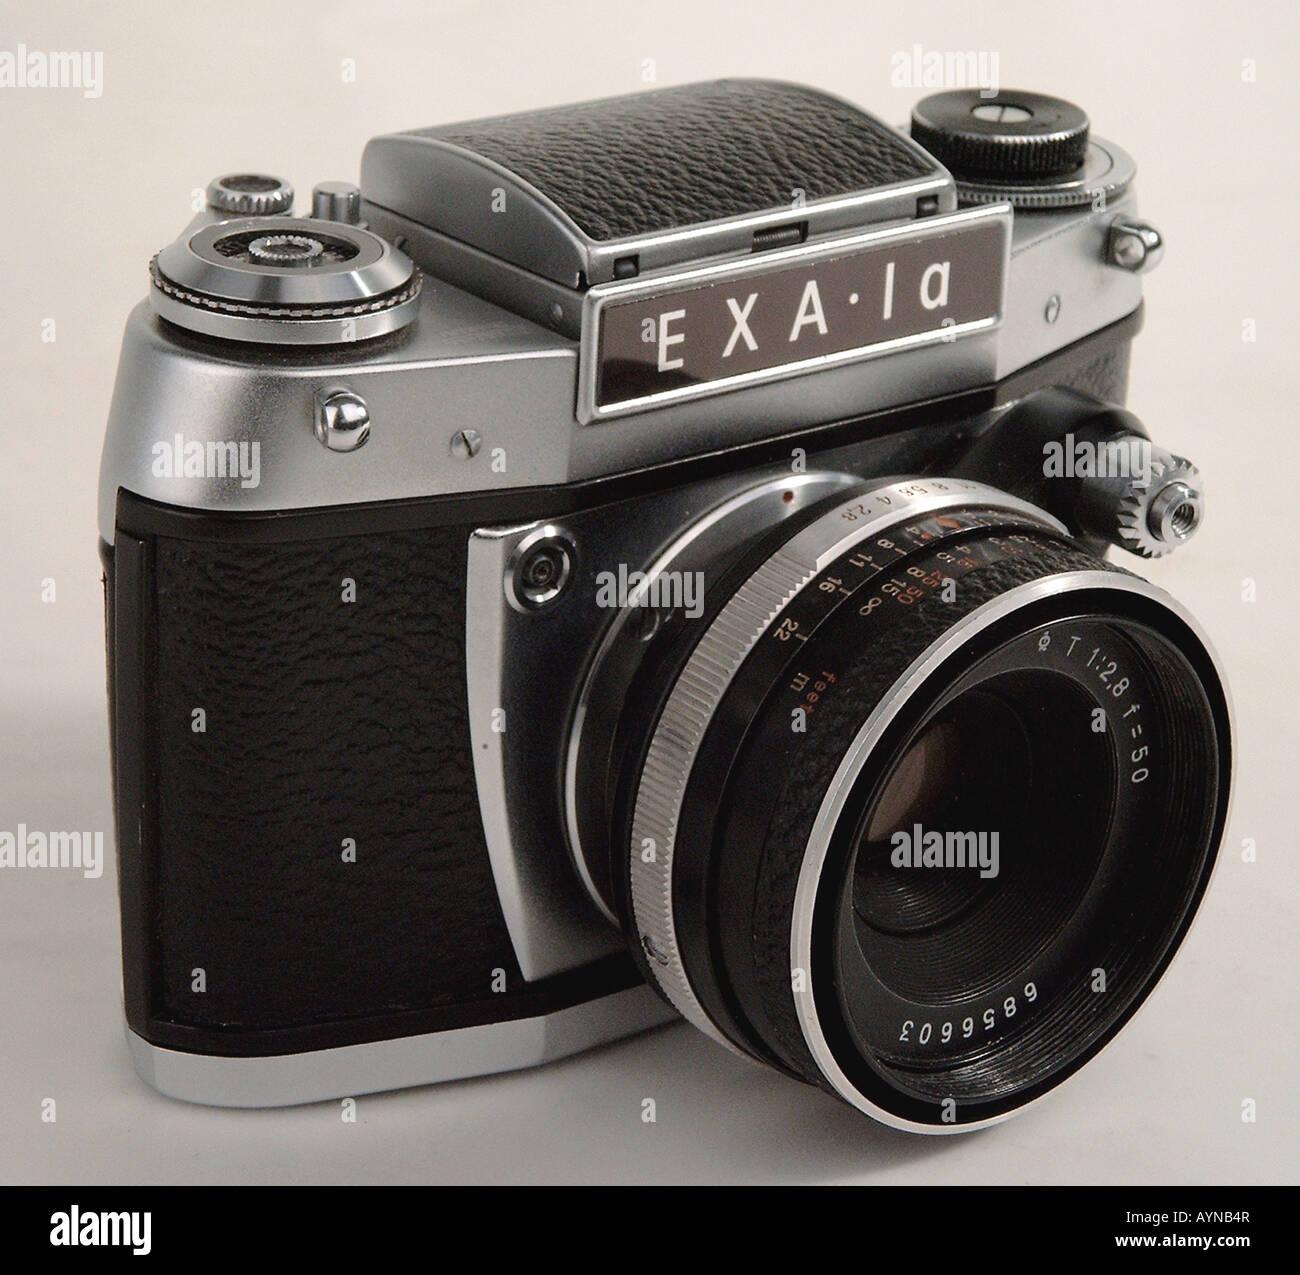 Ihagee: Exa Ia Price Guide: estimate a camera value